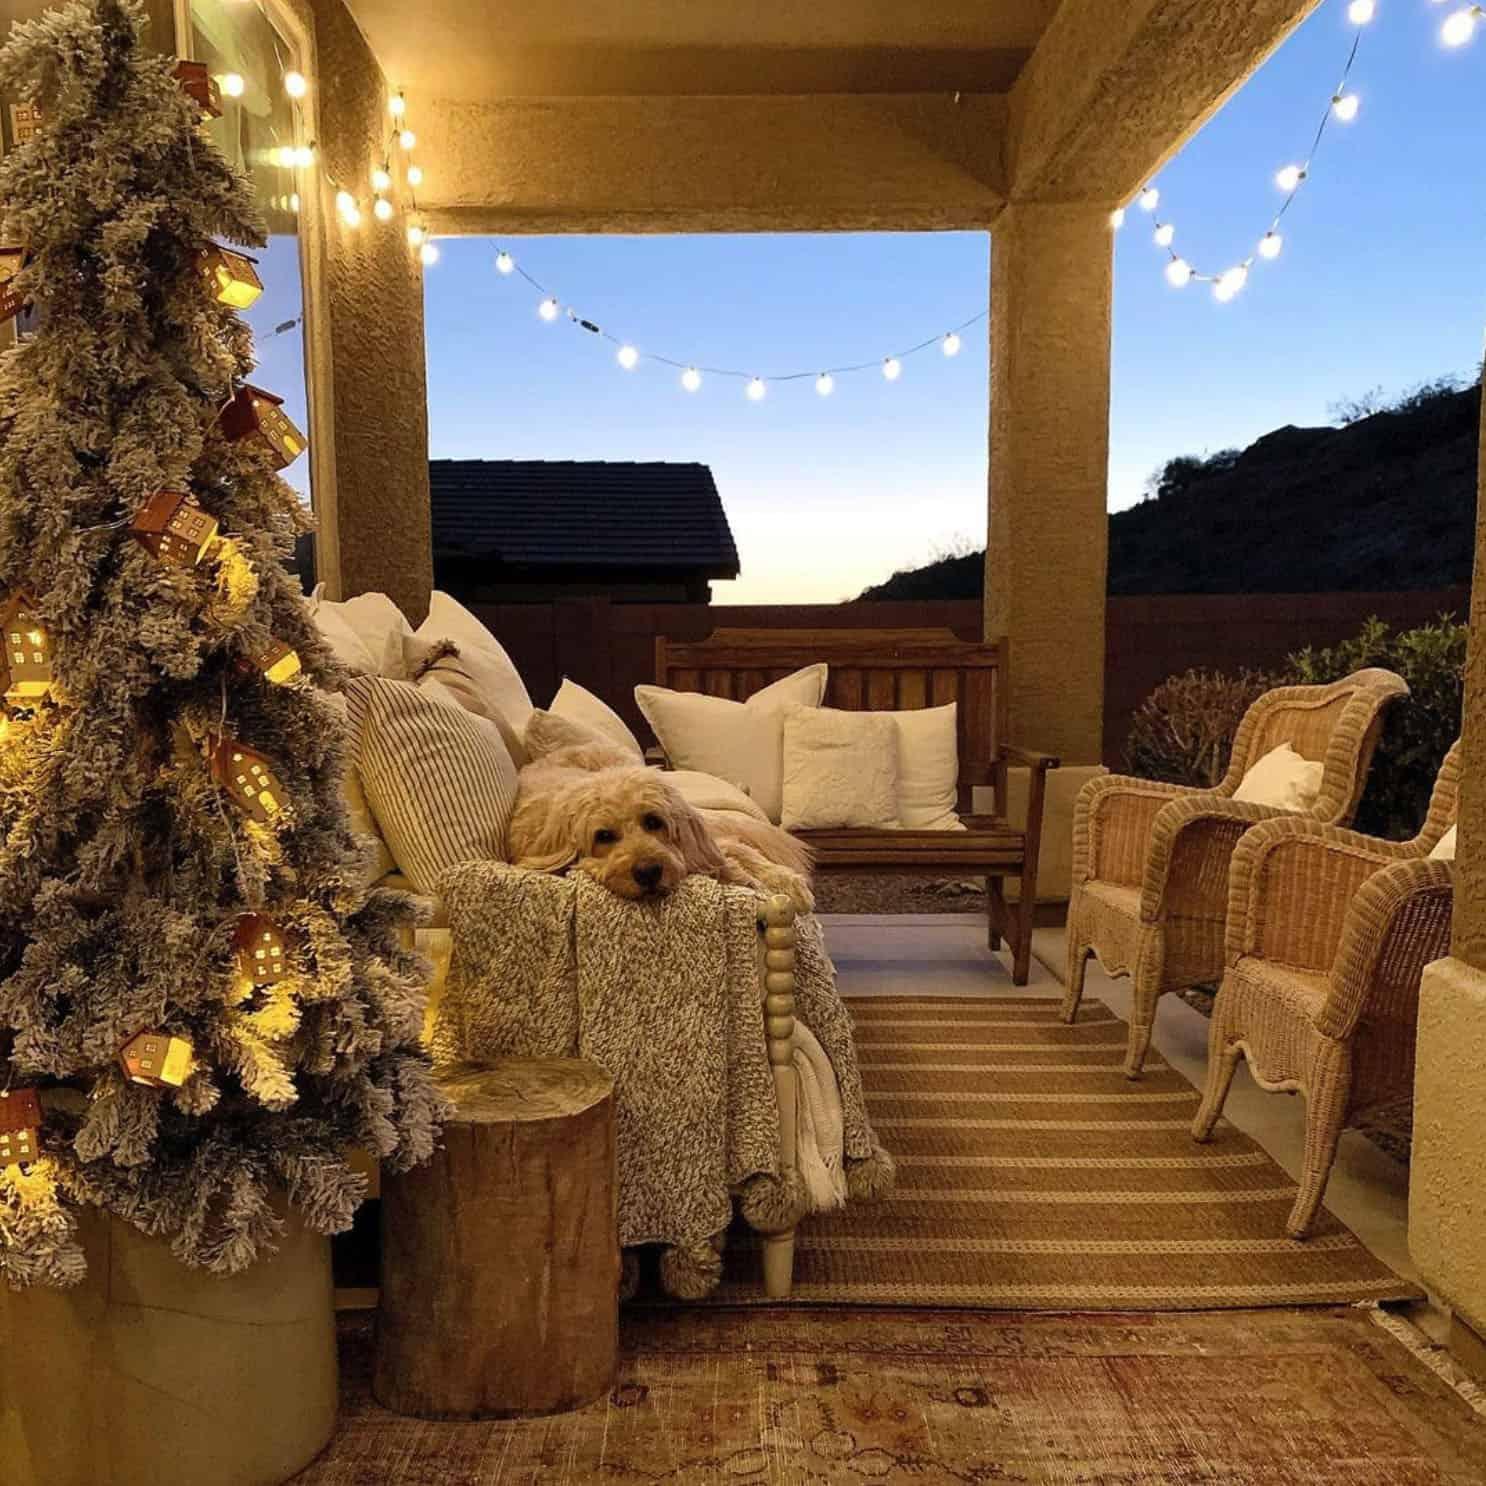 holiday-decor-ideas-porch